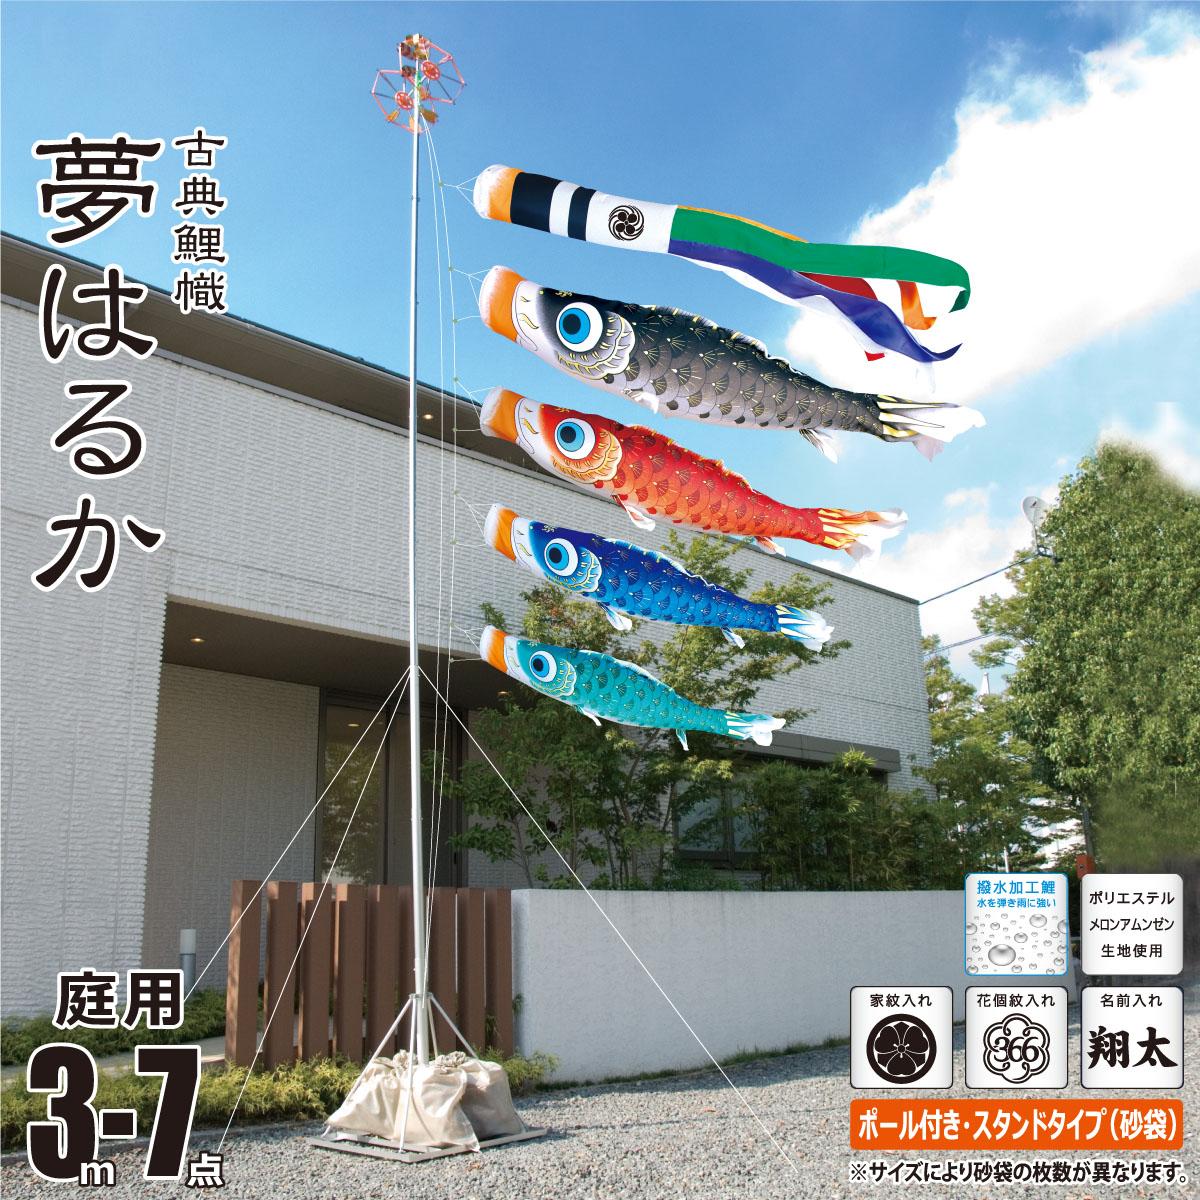 こいのぼり 3m 夢はるか 7点 (矢車、ロープ、吹流し、鯉4匹) 庭園用 スタンドセット (庭用 スタンド 砂袋4枚入り) 徳永鯉のぼり KIT-113-741